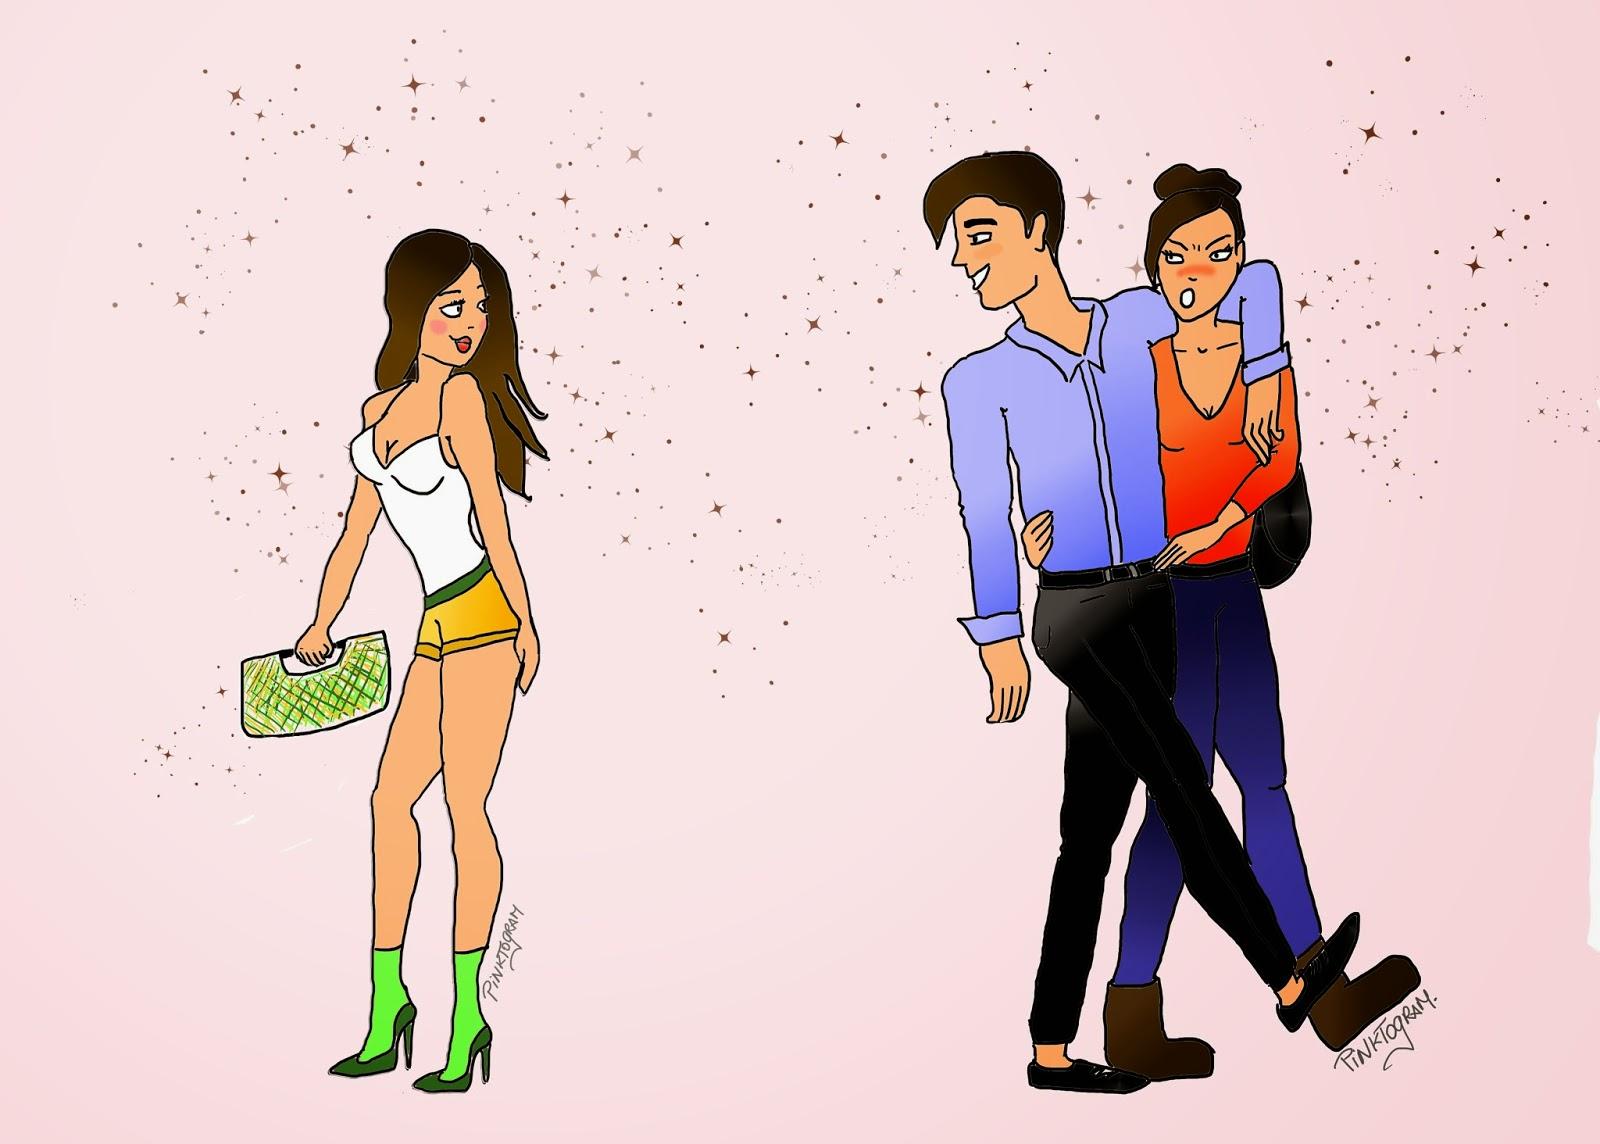 Le coureur de jupons explications pinktogram - Image coureur humoristique ...